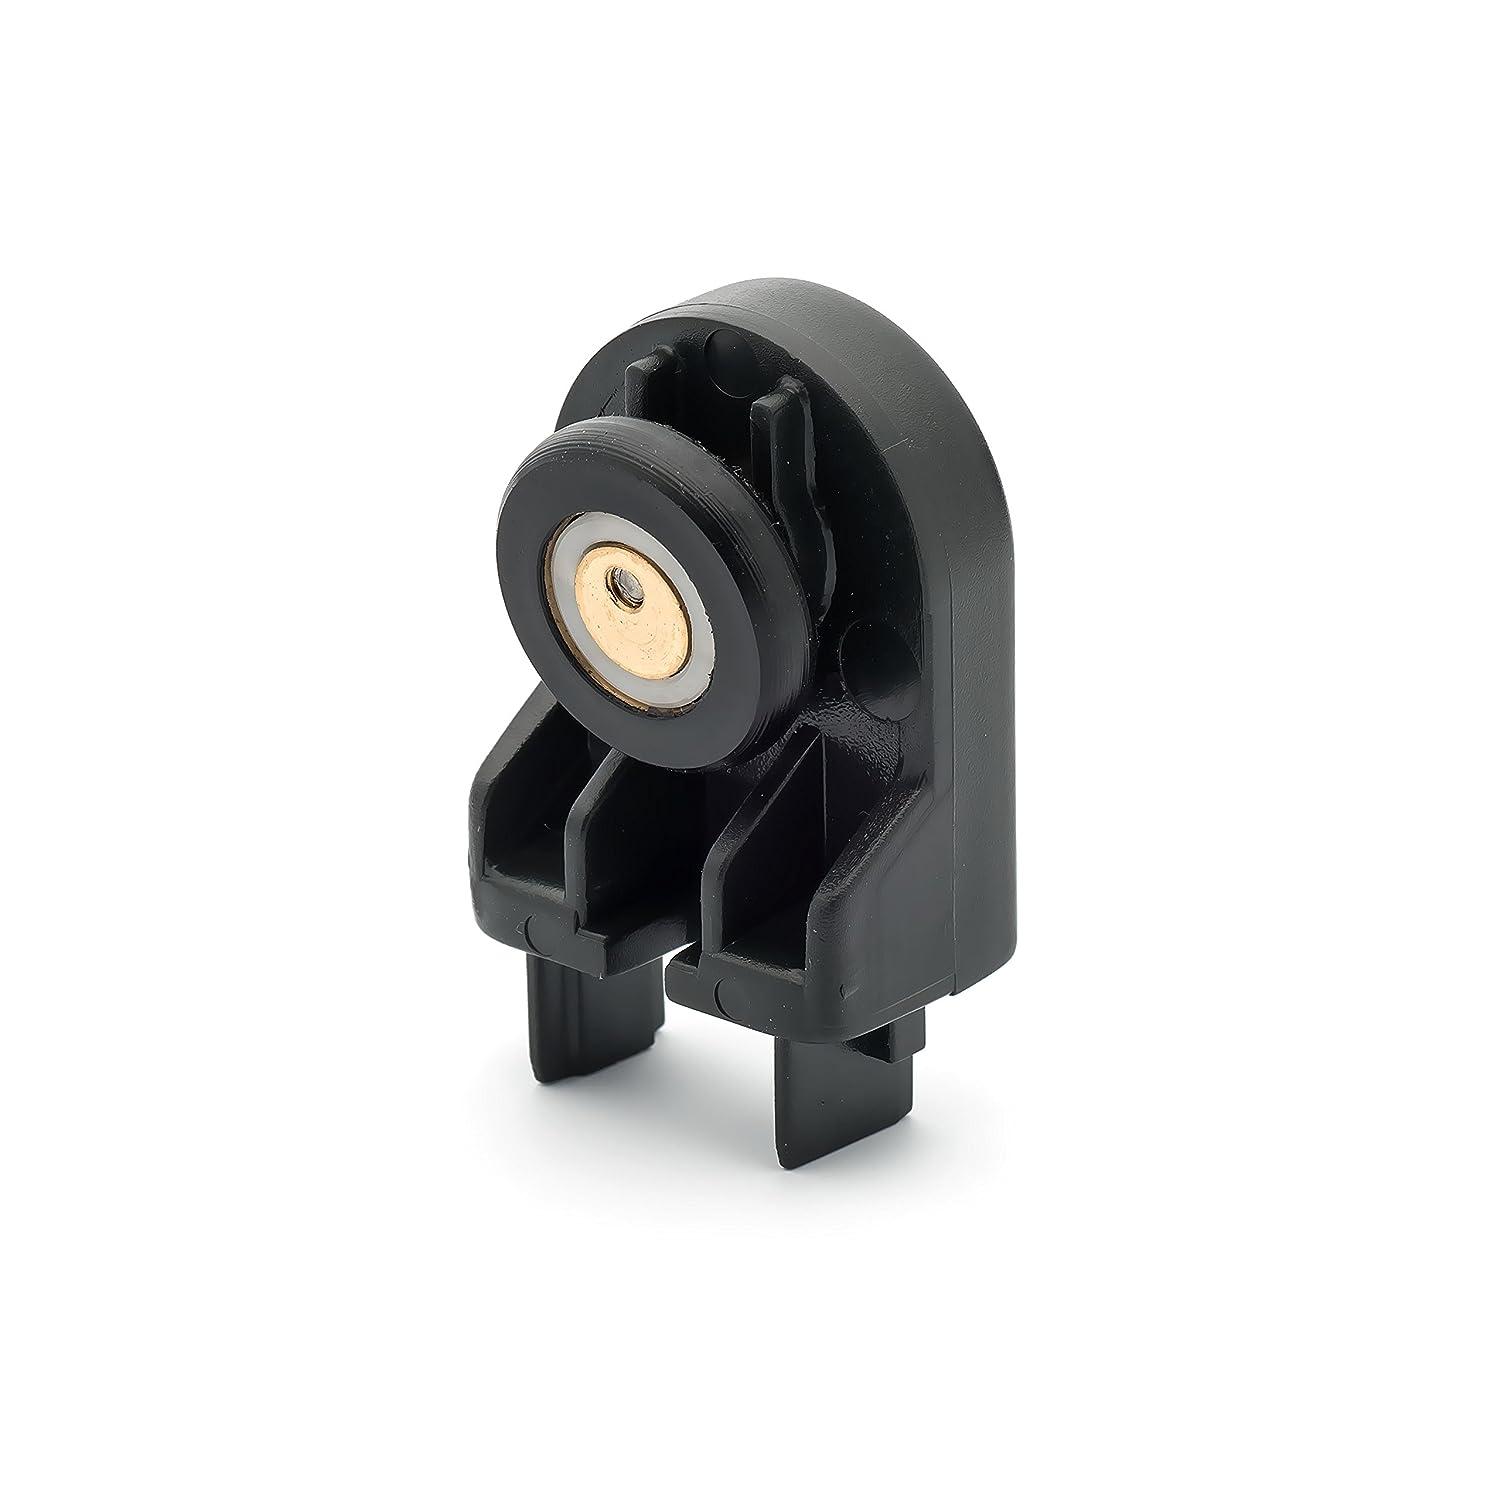 Shower Part 1 x Single Shower Door Roller /Runner 21mm Wheel Diameter E1 well-wreapped